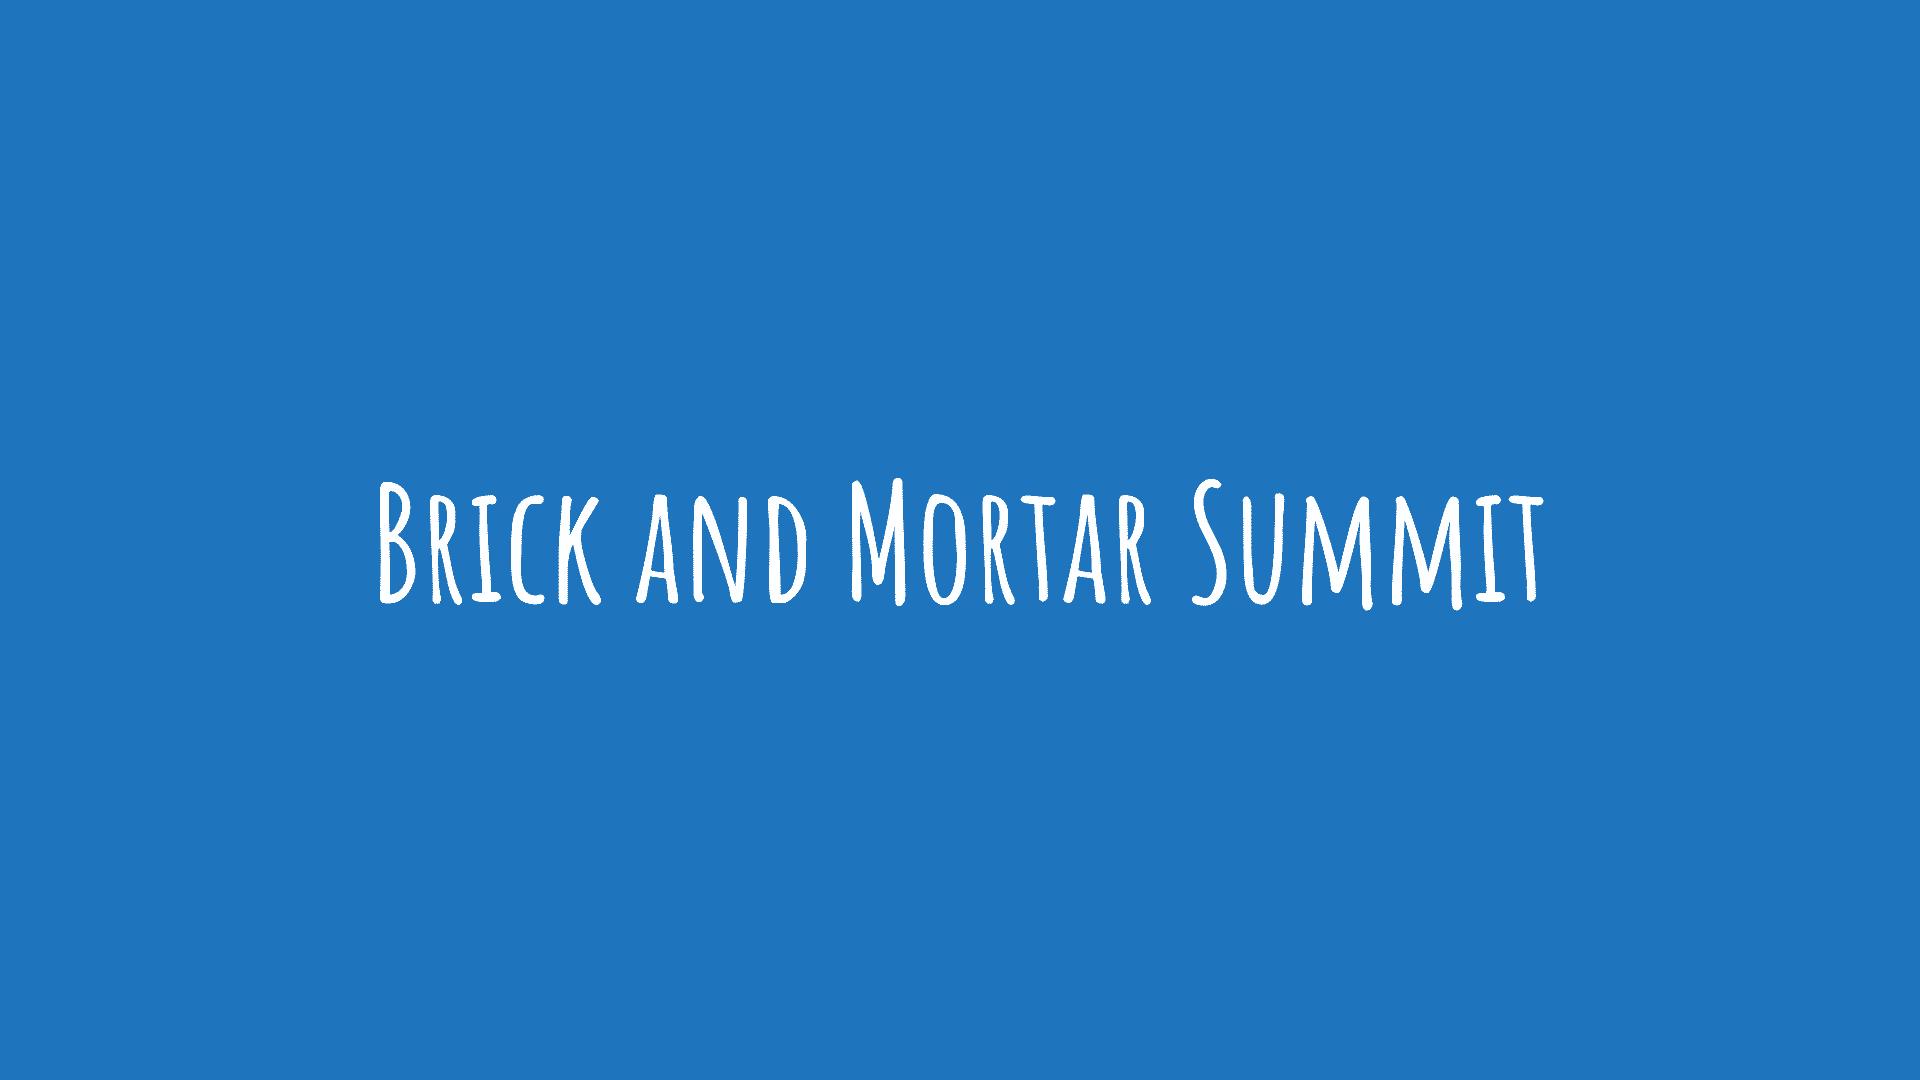 Brick and Mortar Summit